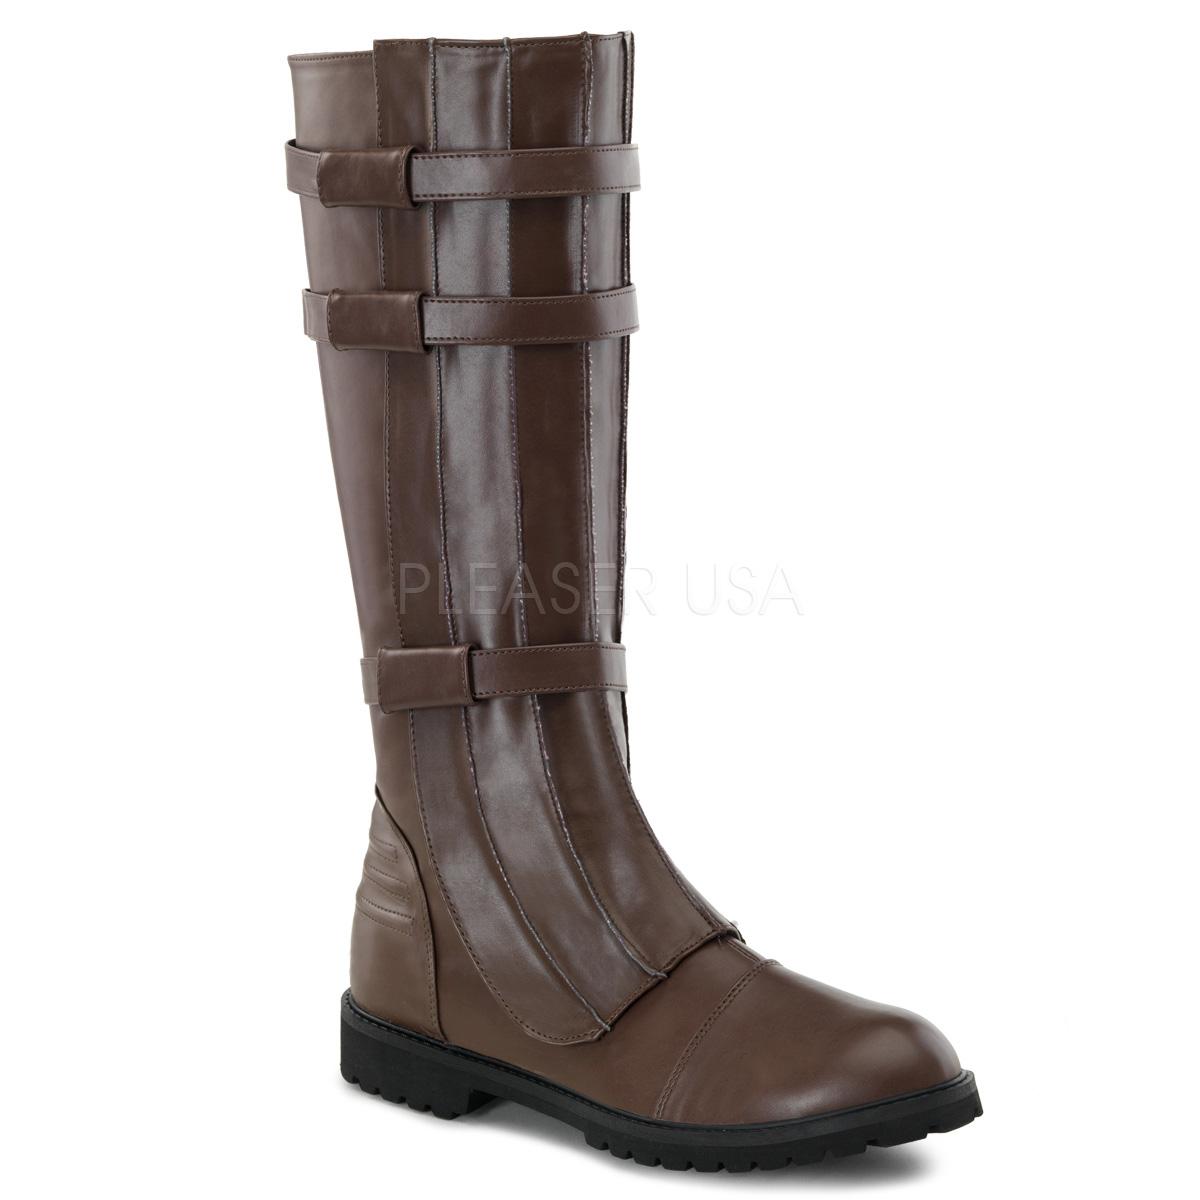 取寄せ 送料無料 Pleaser プリーザー メンズ ロングブーツ ニーハイブーツ ローヒール ブラウン スーパーヒーロー コスプレ ハロウィン バックルベルト ファスナー付き 靴 大きいサイズ WALKER-130